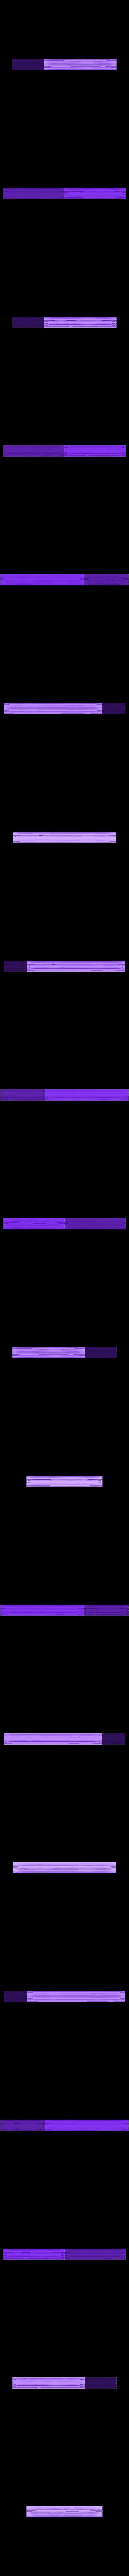 Secret_Pages.stl Télécharger fichier STL gratuit Livre secret • Plan pour impression 3D, BODY3D